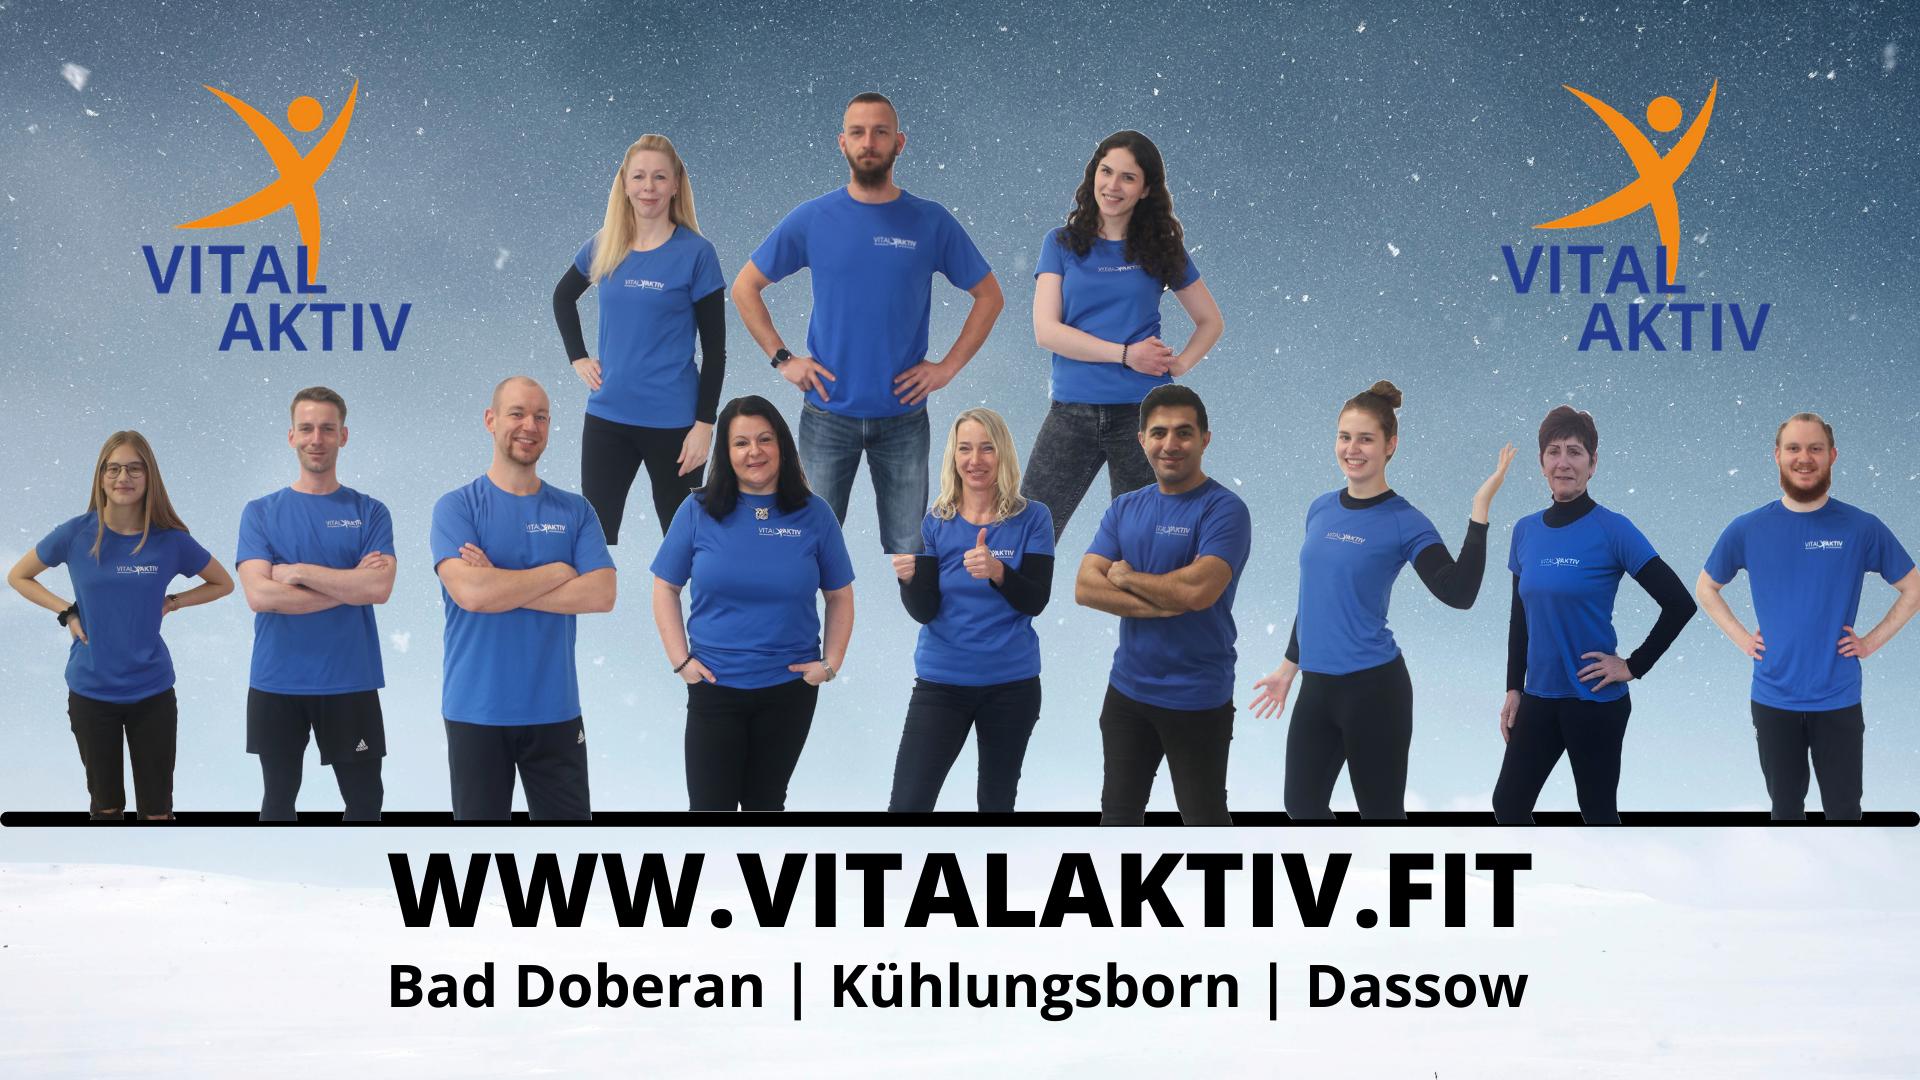 Vital-Aktiv Team